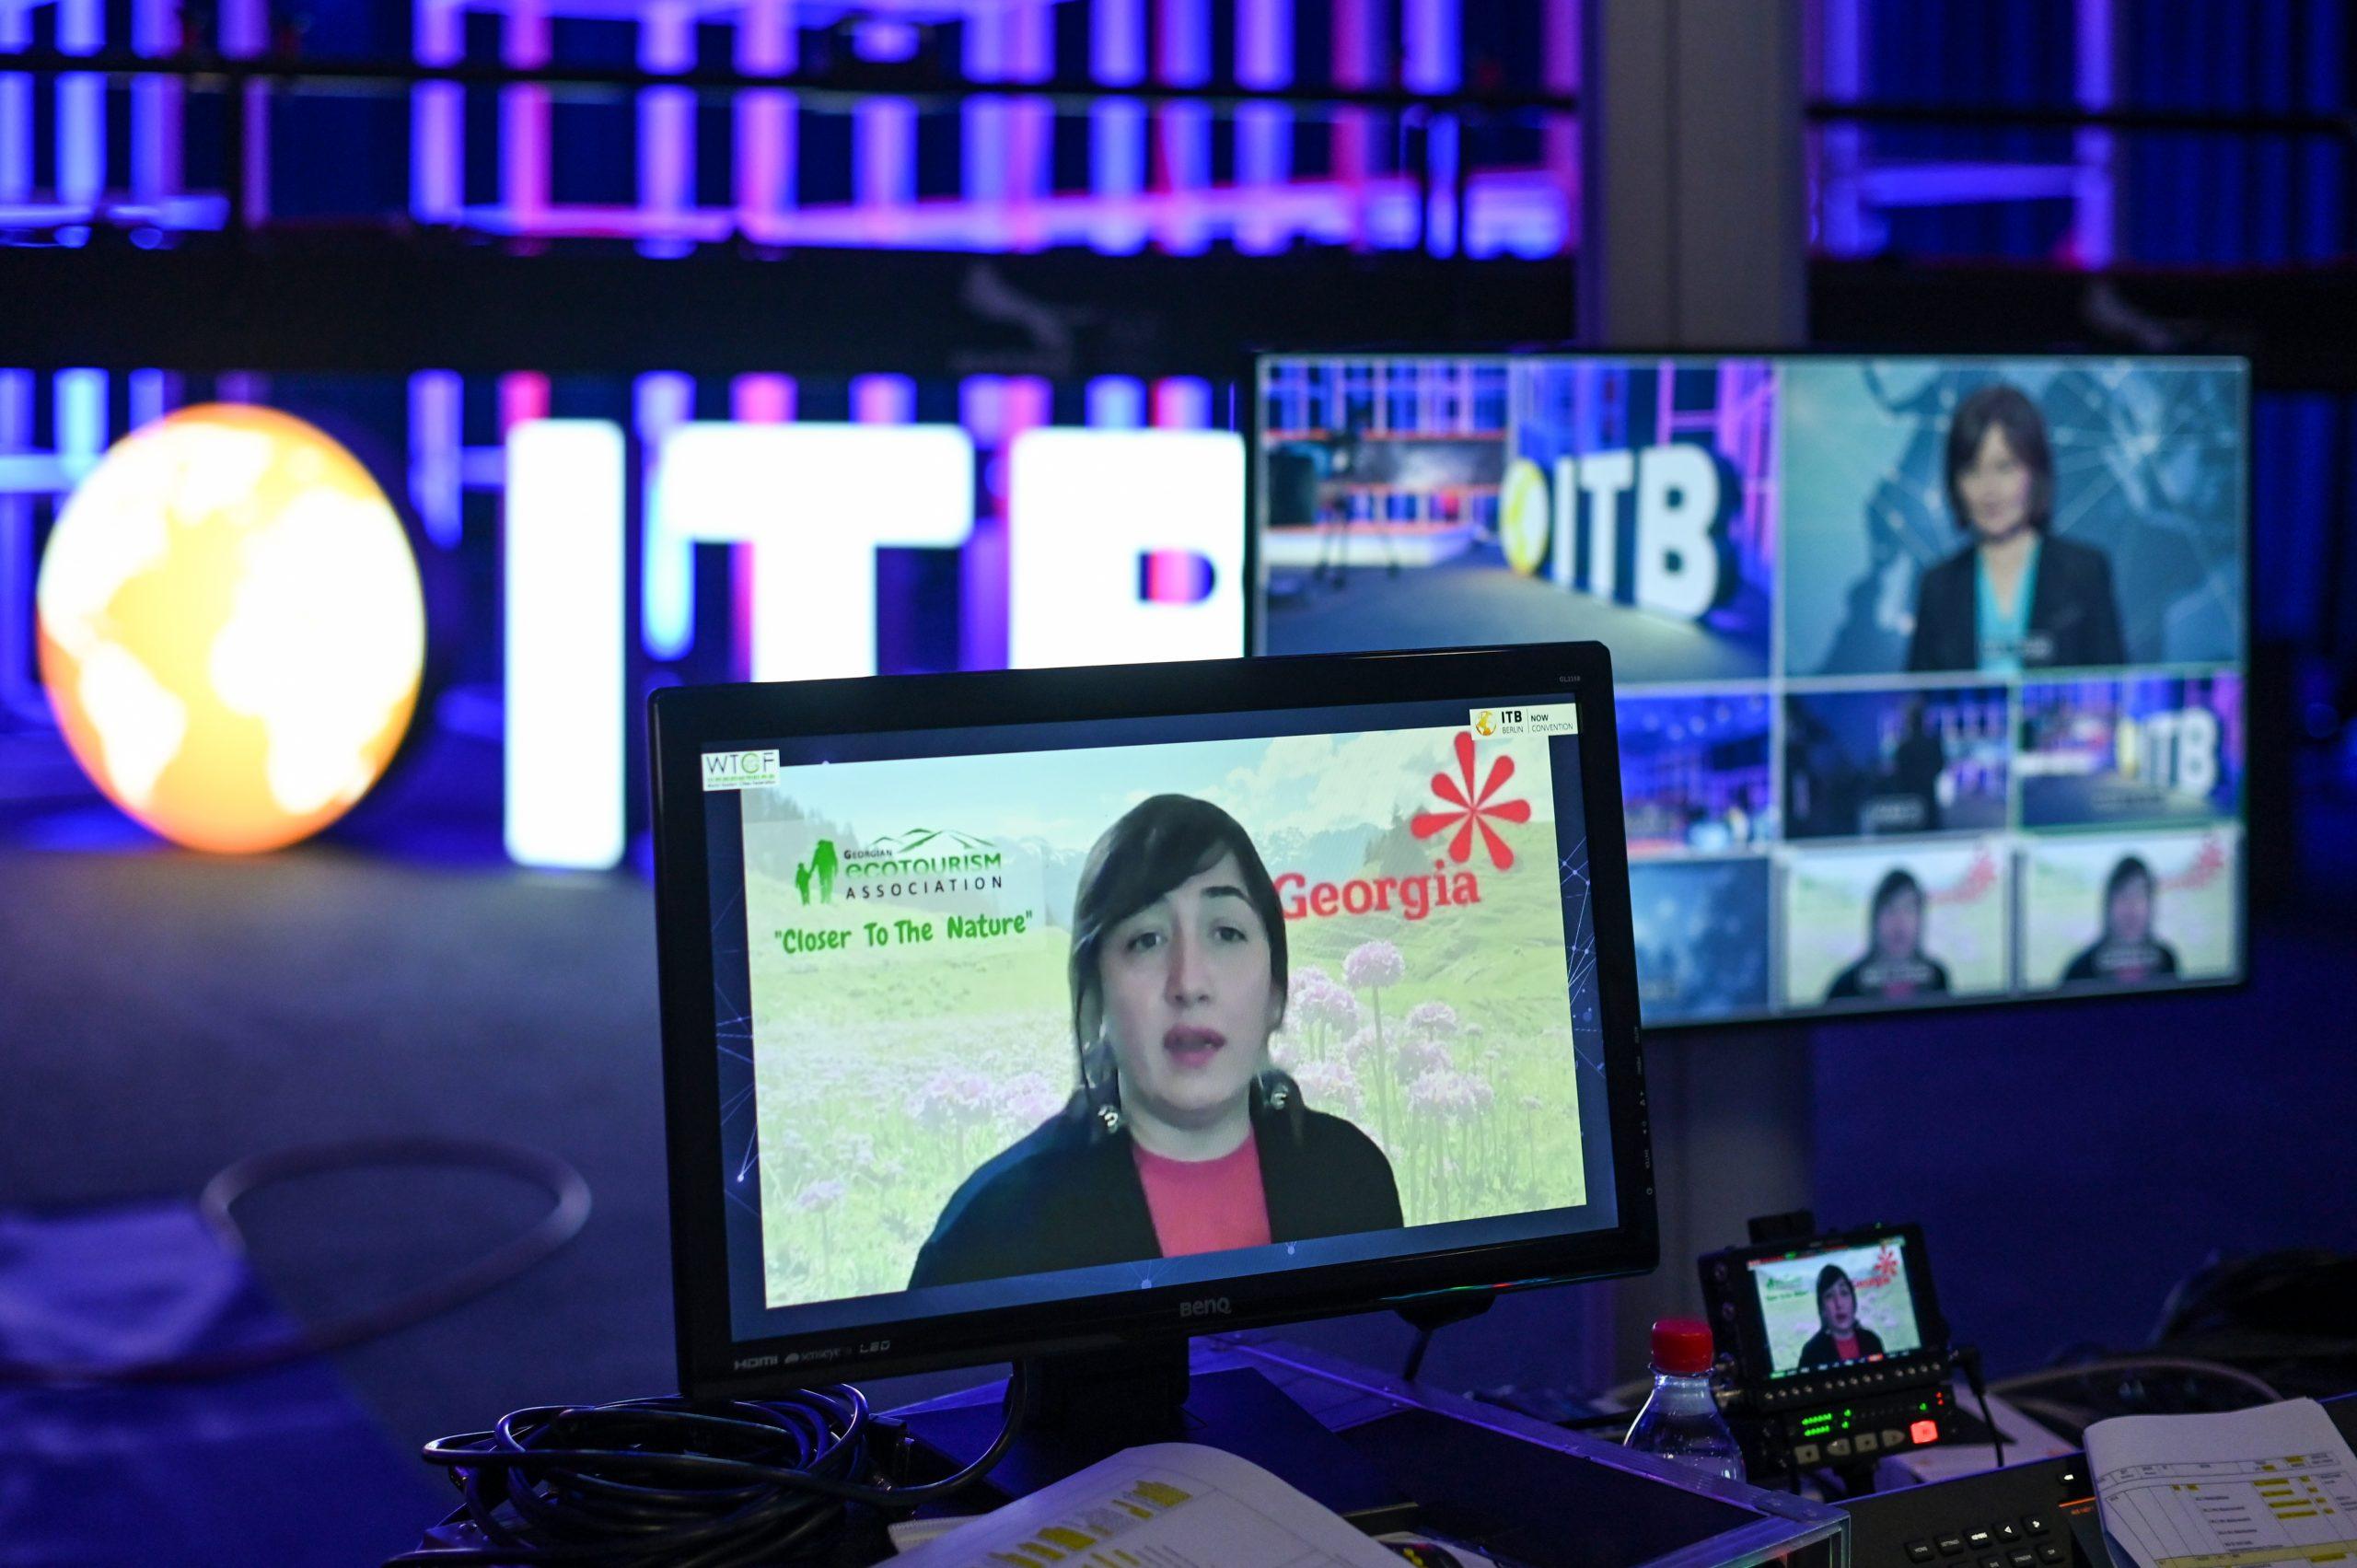 Participación virtual en la ITB desde Georgia con Natia Muladze, jefa de administración del Parque Nacional Borjomi-Kharagauli.